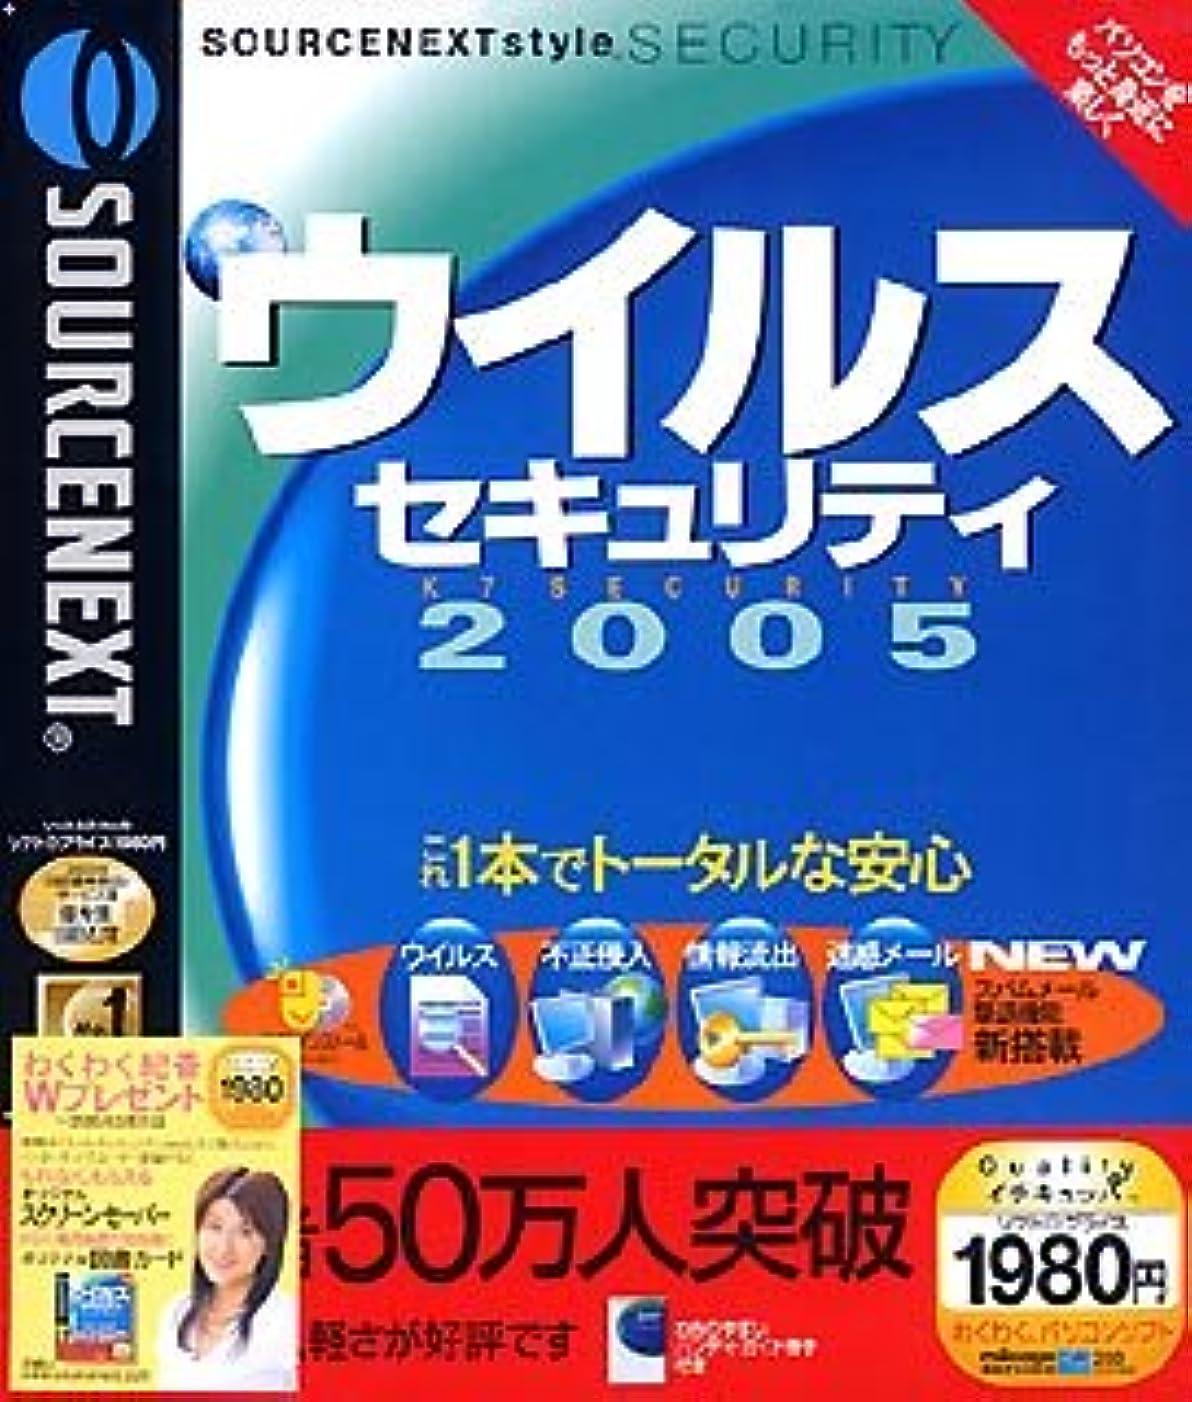 羽距離固体ウイルスセキュリティ 2005(旧版)